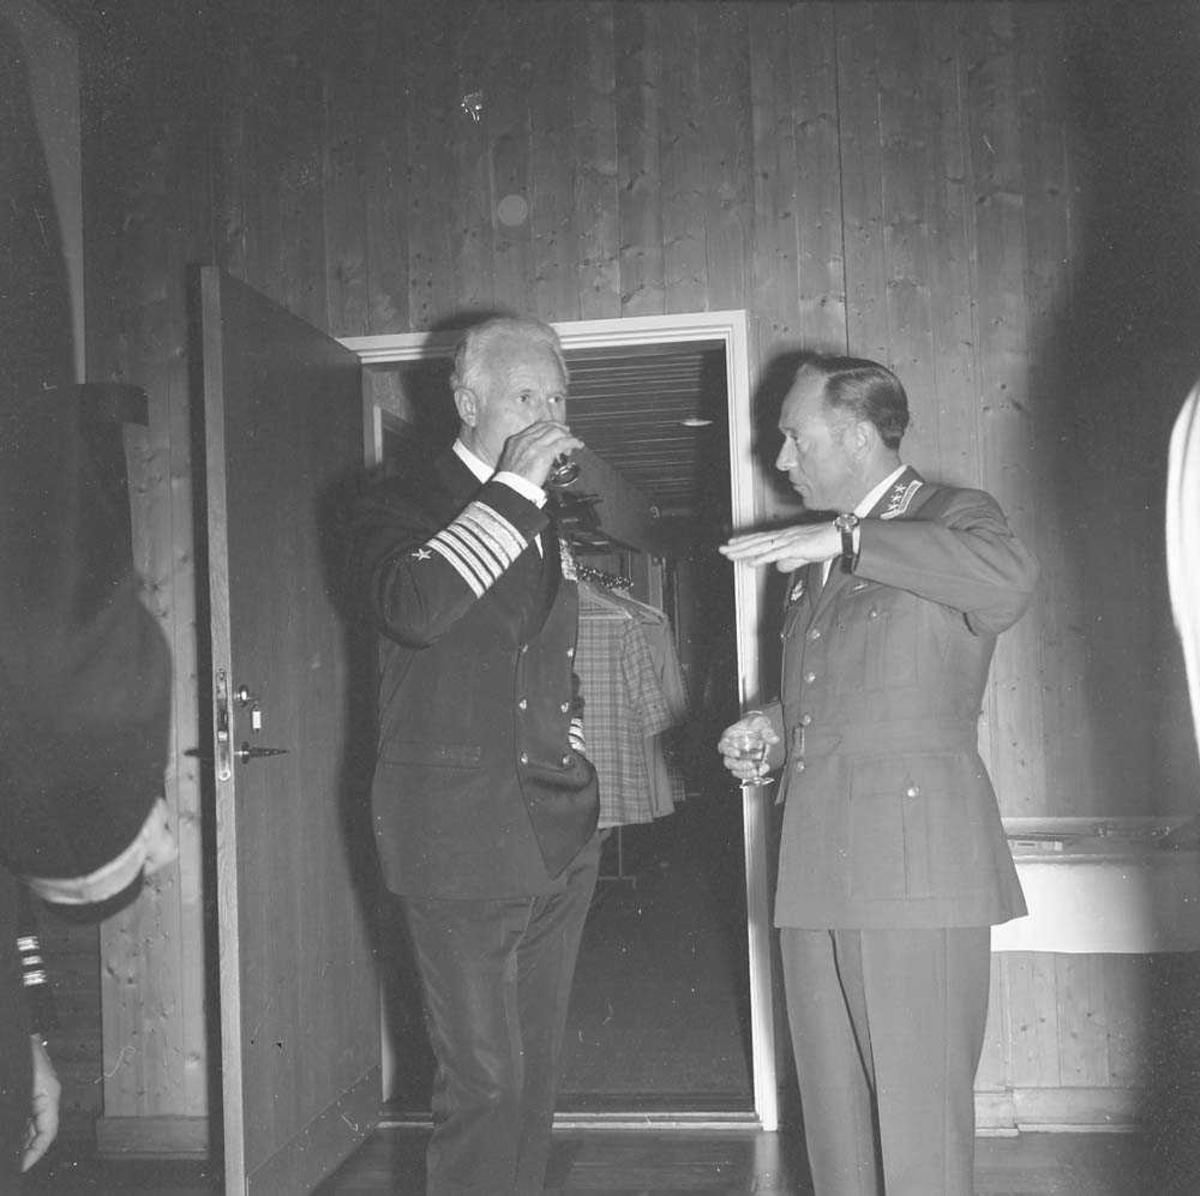 En Admiral fra US Navy besøker Bodø flystasjon. Admiralen til venstre samtaler med Stasjonssjef Oberst K. Bjørge-Hansen.